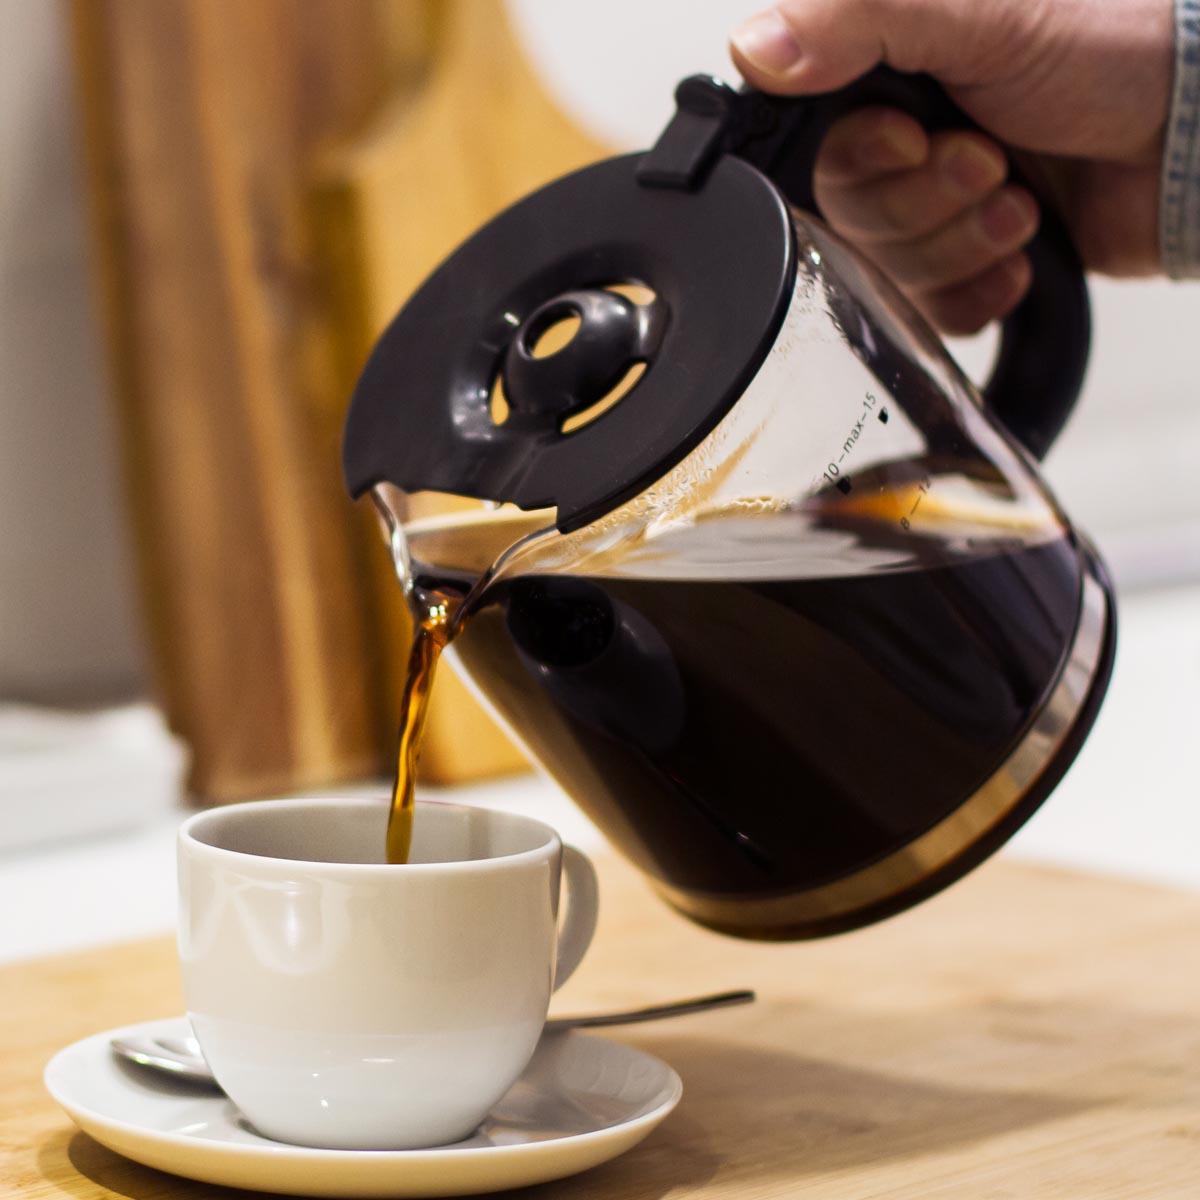 《2020年》人気のおすすめコーヒーメーカー20選! 全自動、ミル付き、おしゃれモデルも